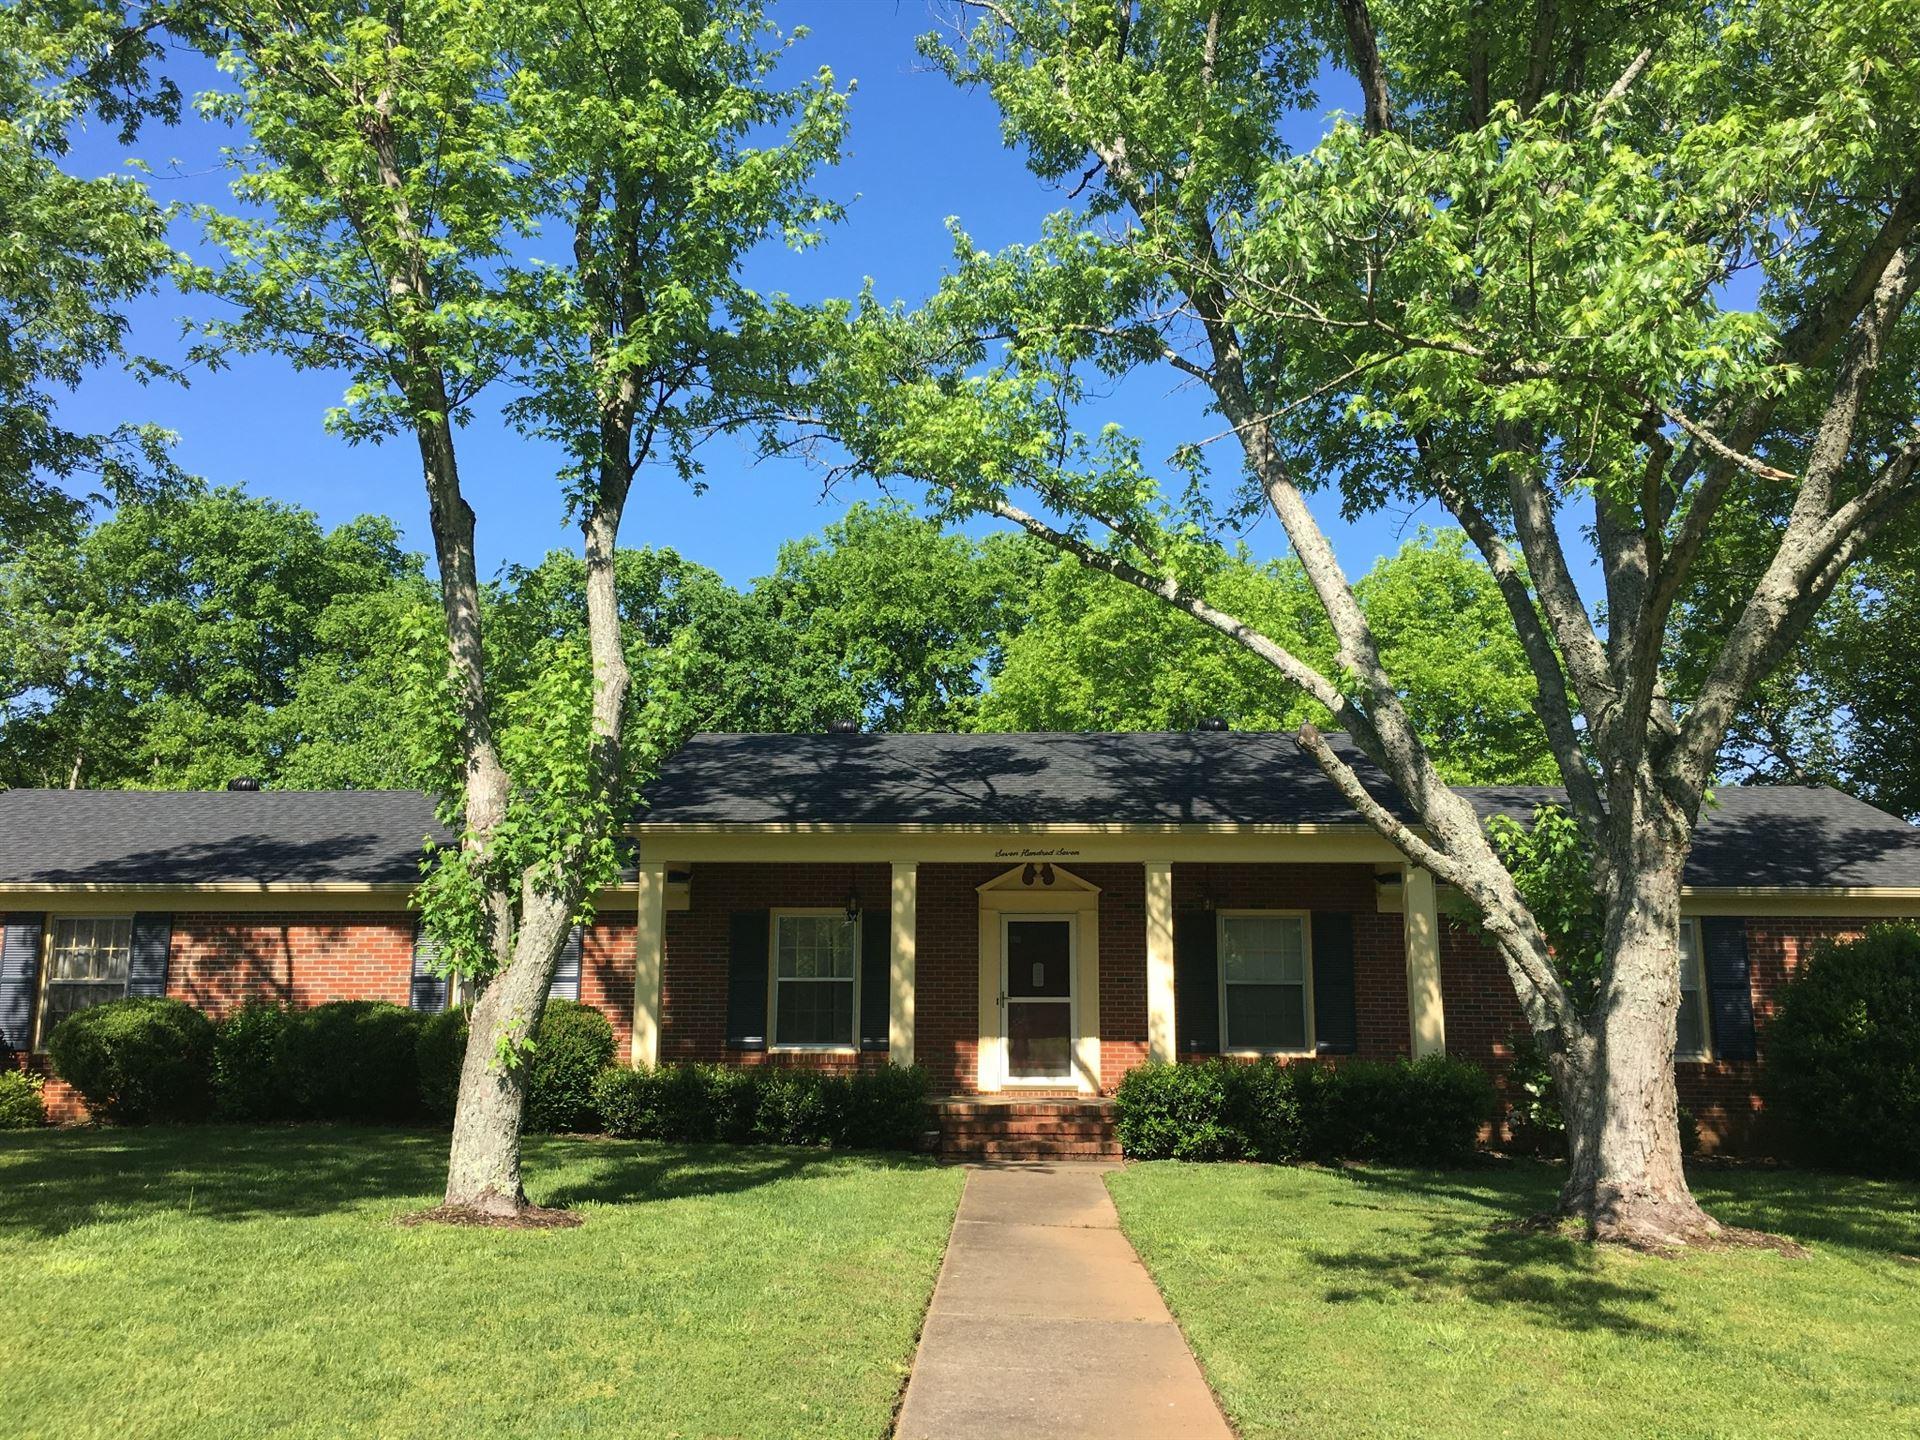 707 Chickasaw Rd, Murfreesboro, TN 37130 - MLS#: 2131837